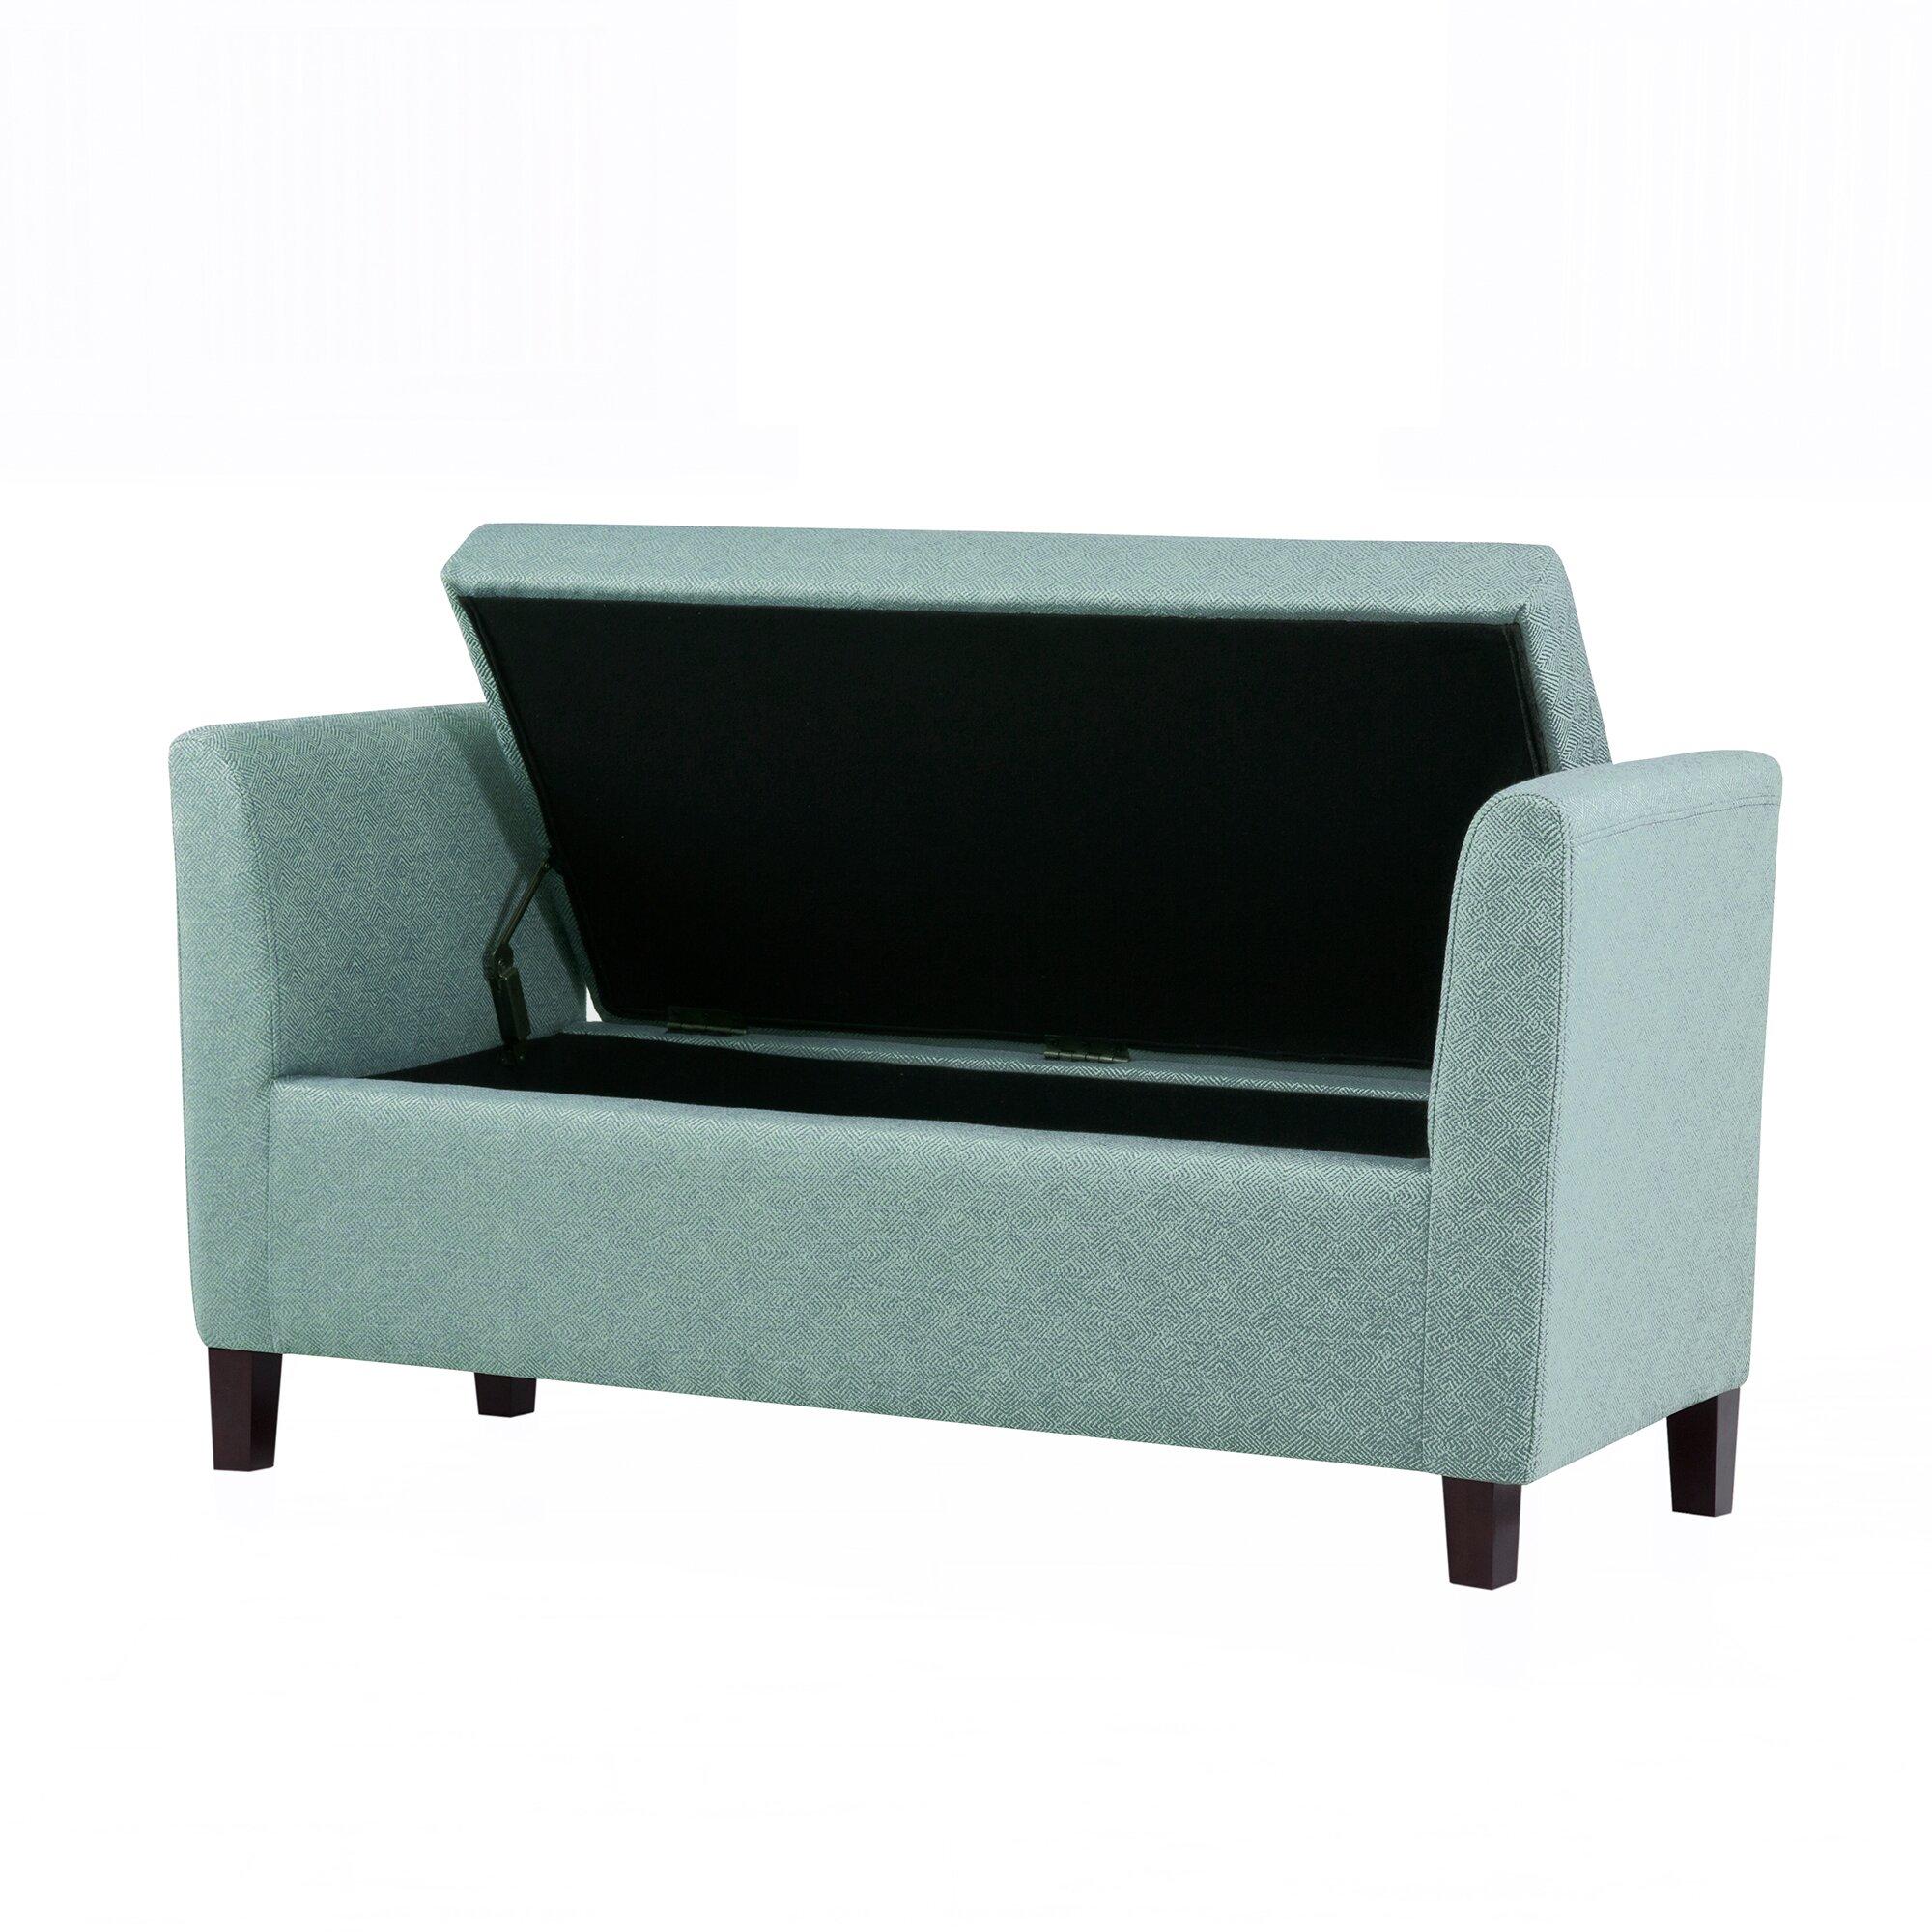 Red barrel studio craig upholstered storage bedroom bench reviews wayfair - Bedroom storage bench ...